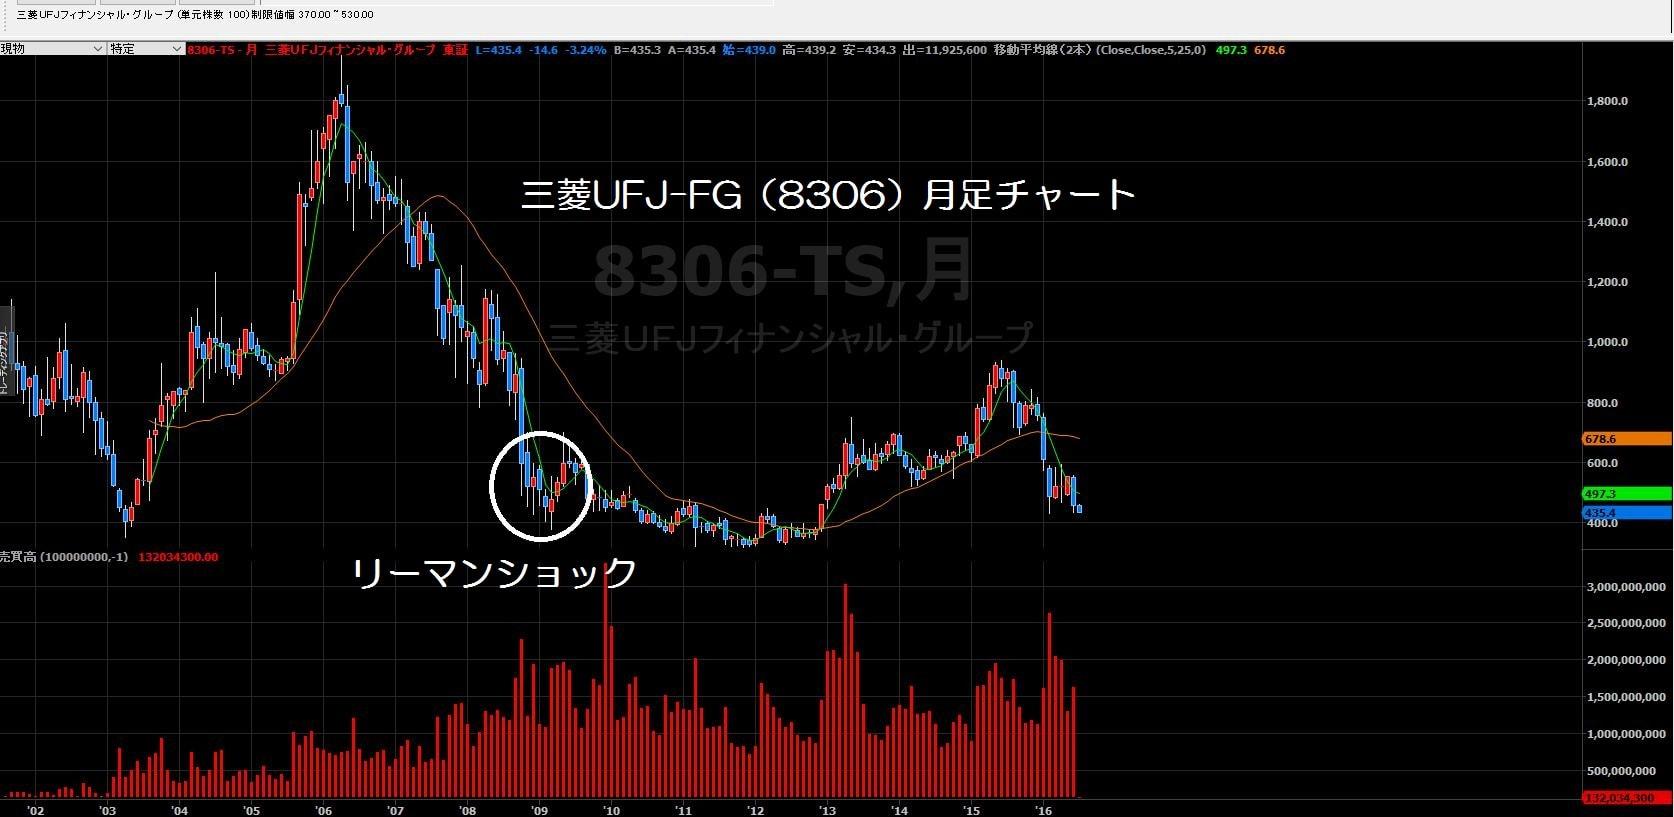 - (株)三菱UFJフィナンシャル・グループ …